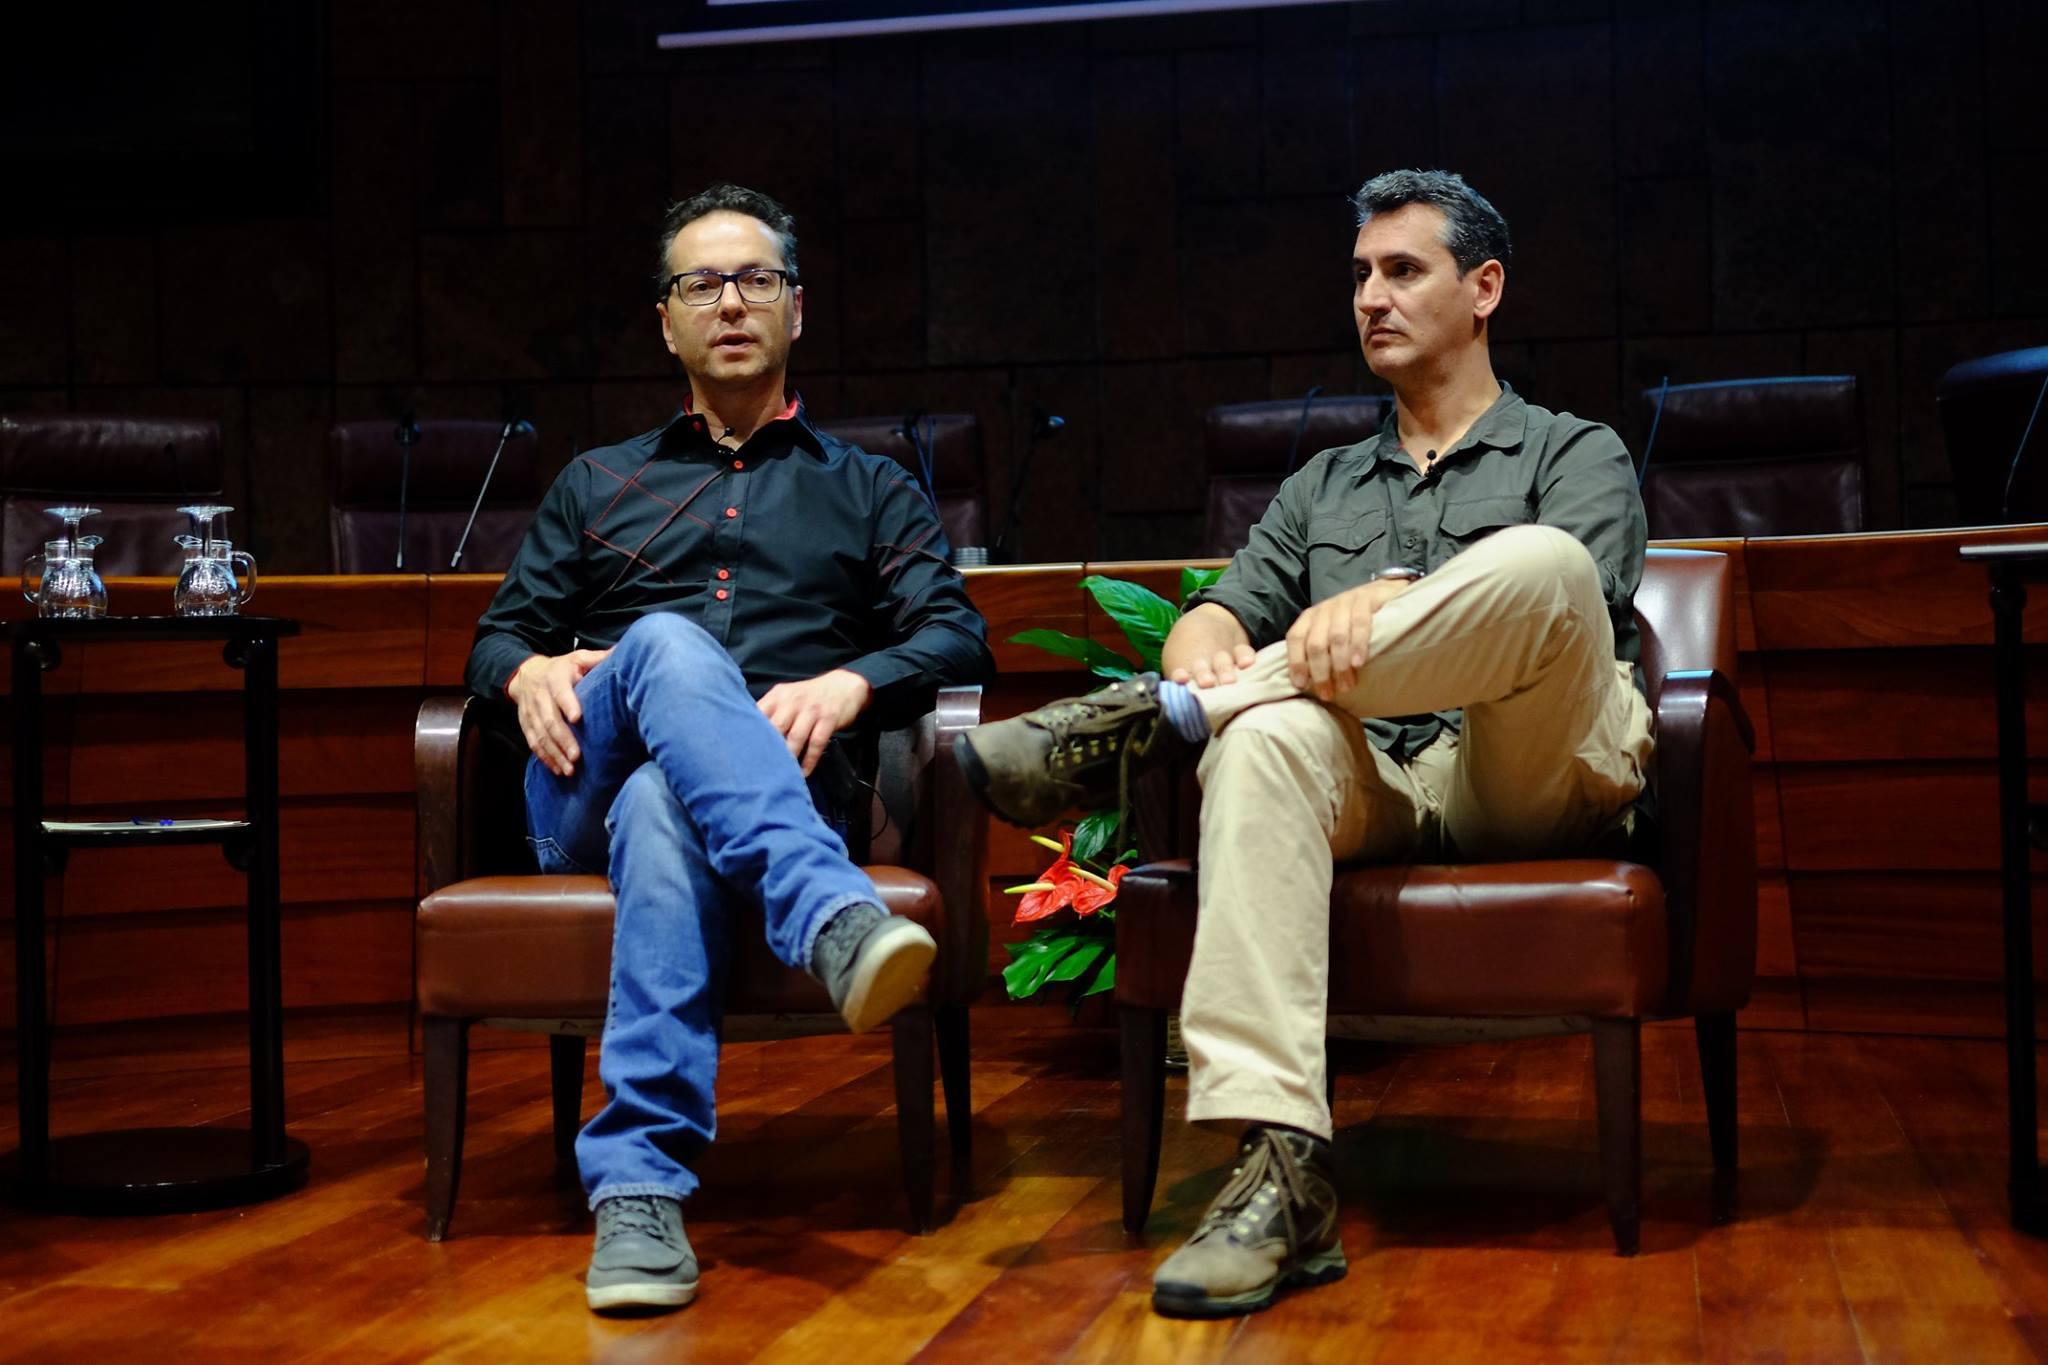 Jose Gregorio González y Lorenzo Fernández Bueno